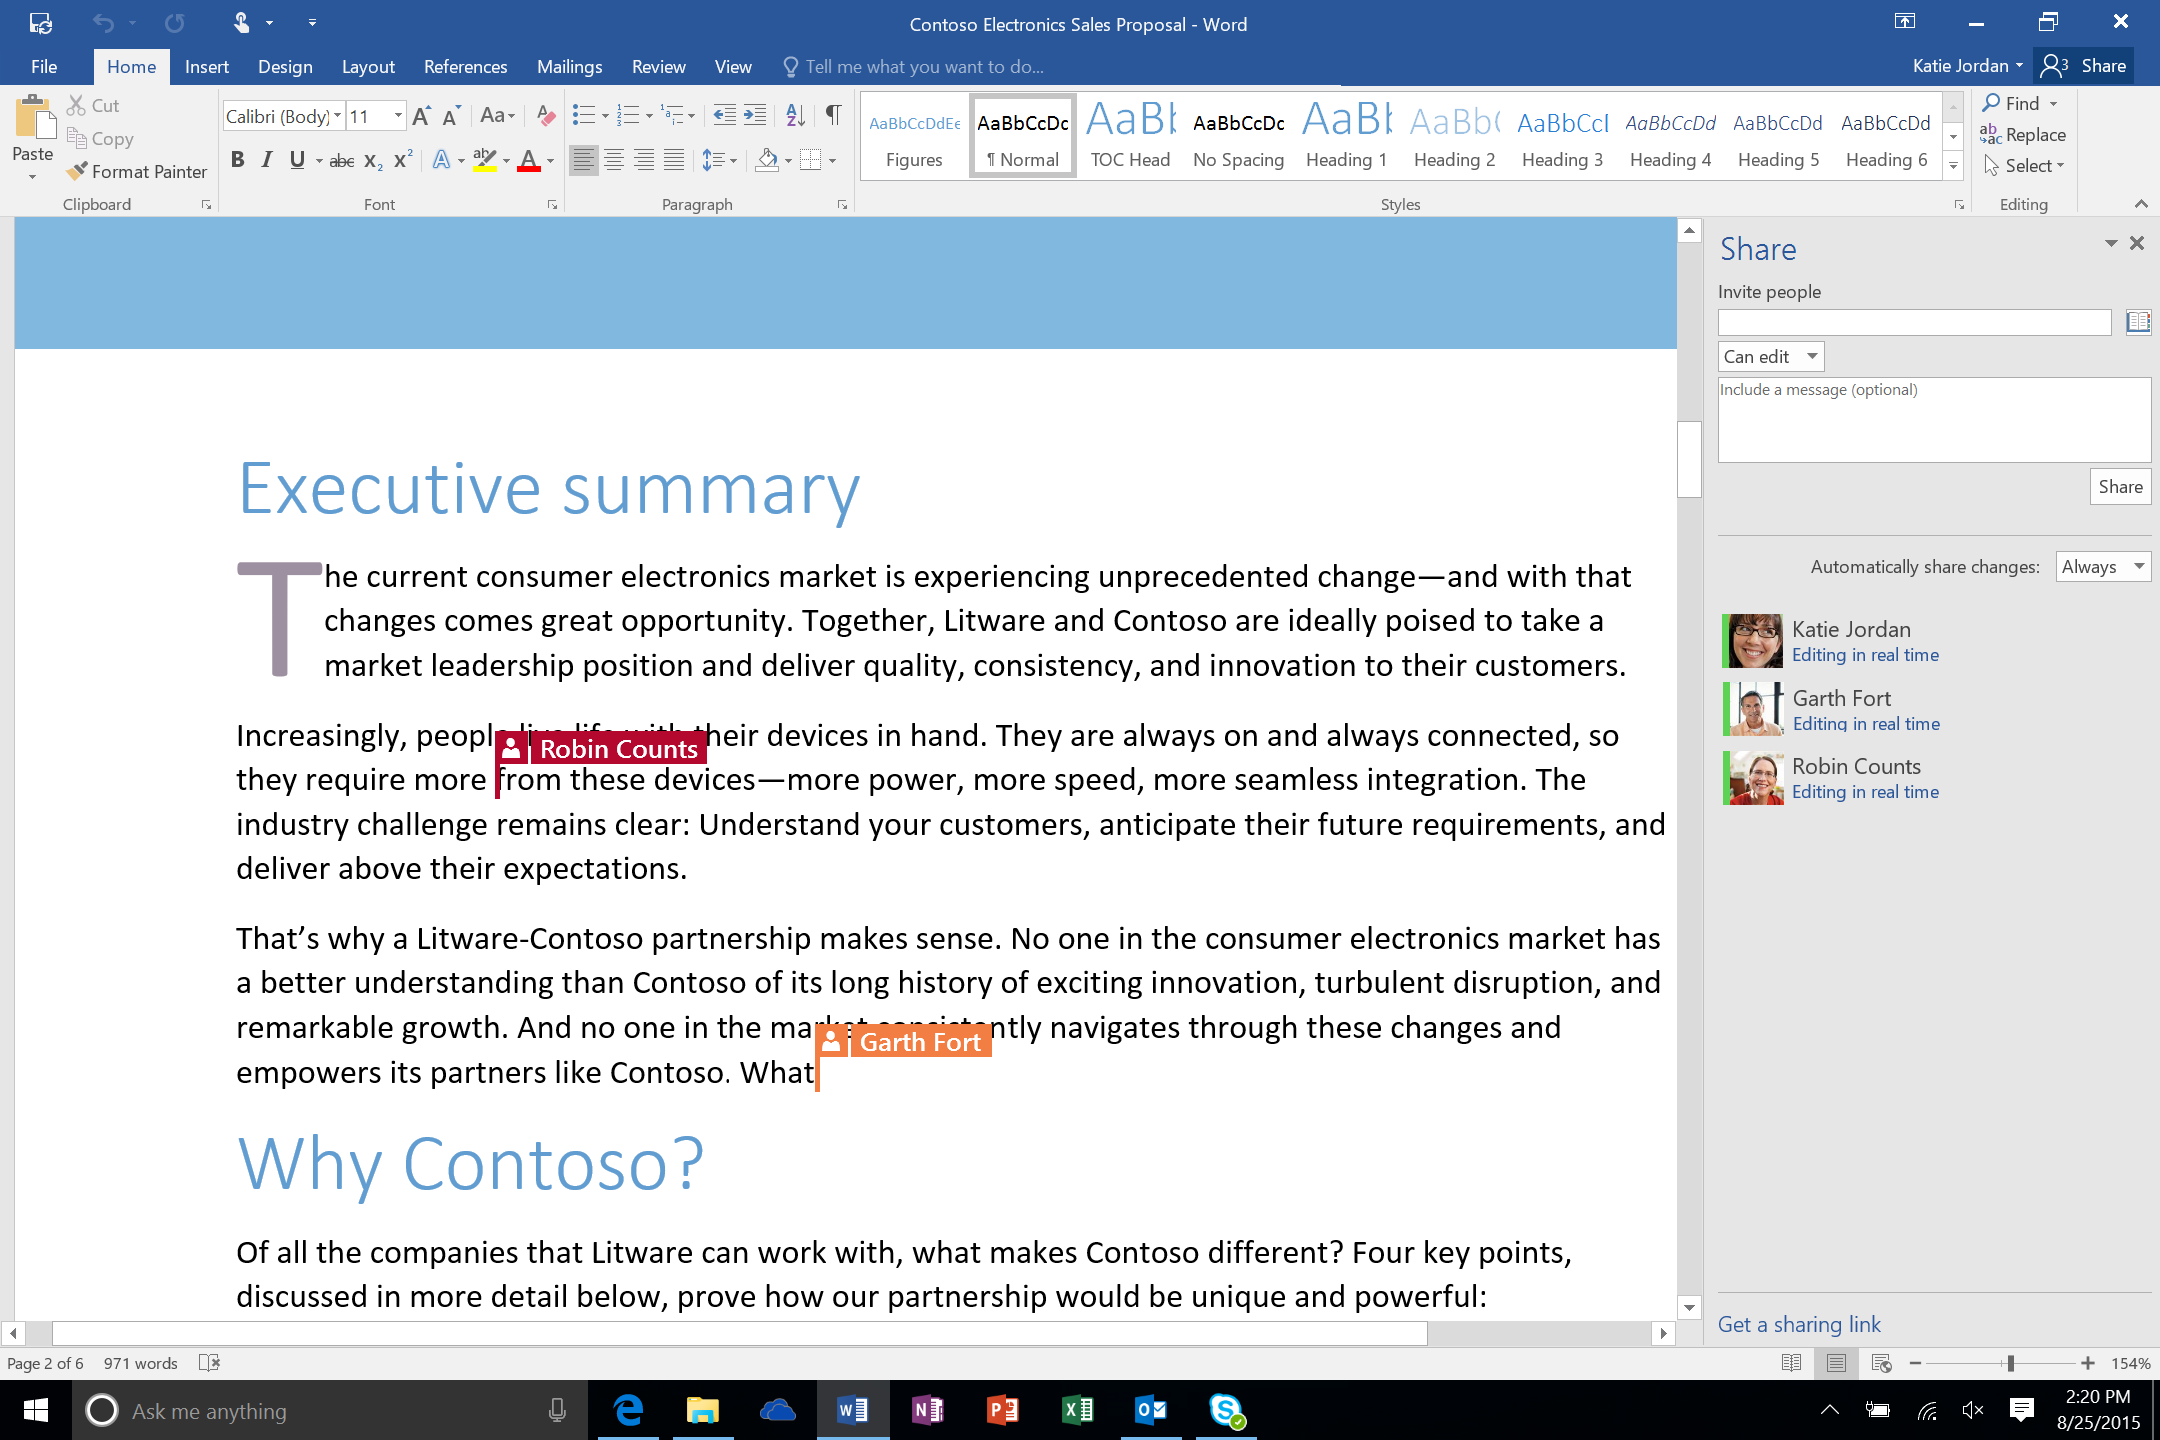 Công sở mùa cách ly: Tự quản lý file Word/Excel, gửi đính kèm mail cũng đã là... lạc hậu - Ảnh 3.